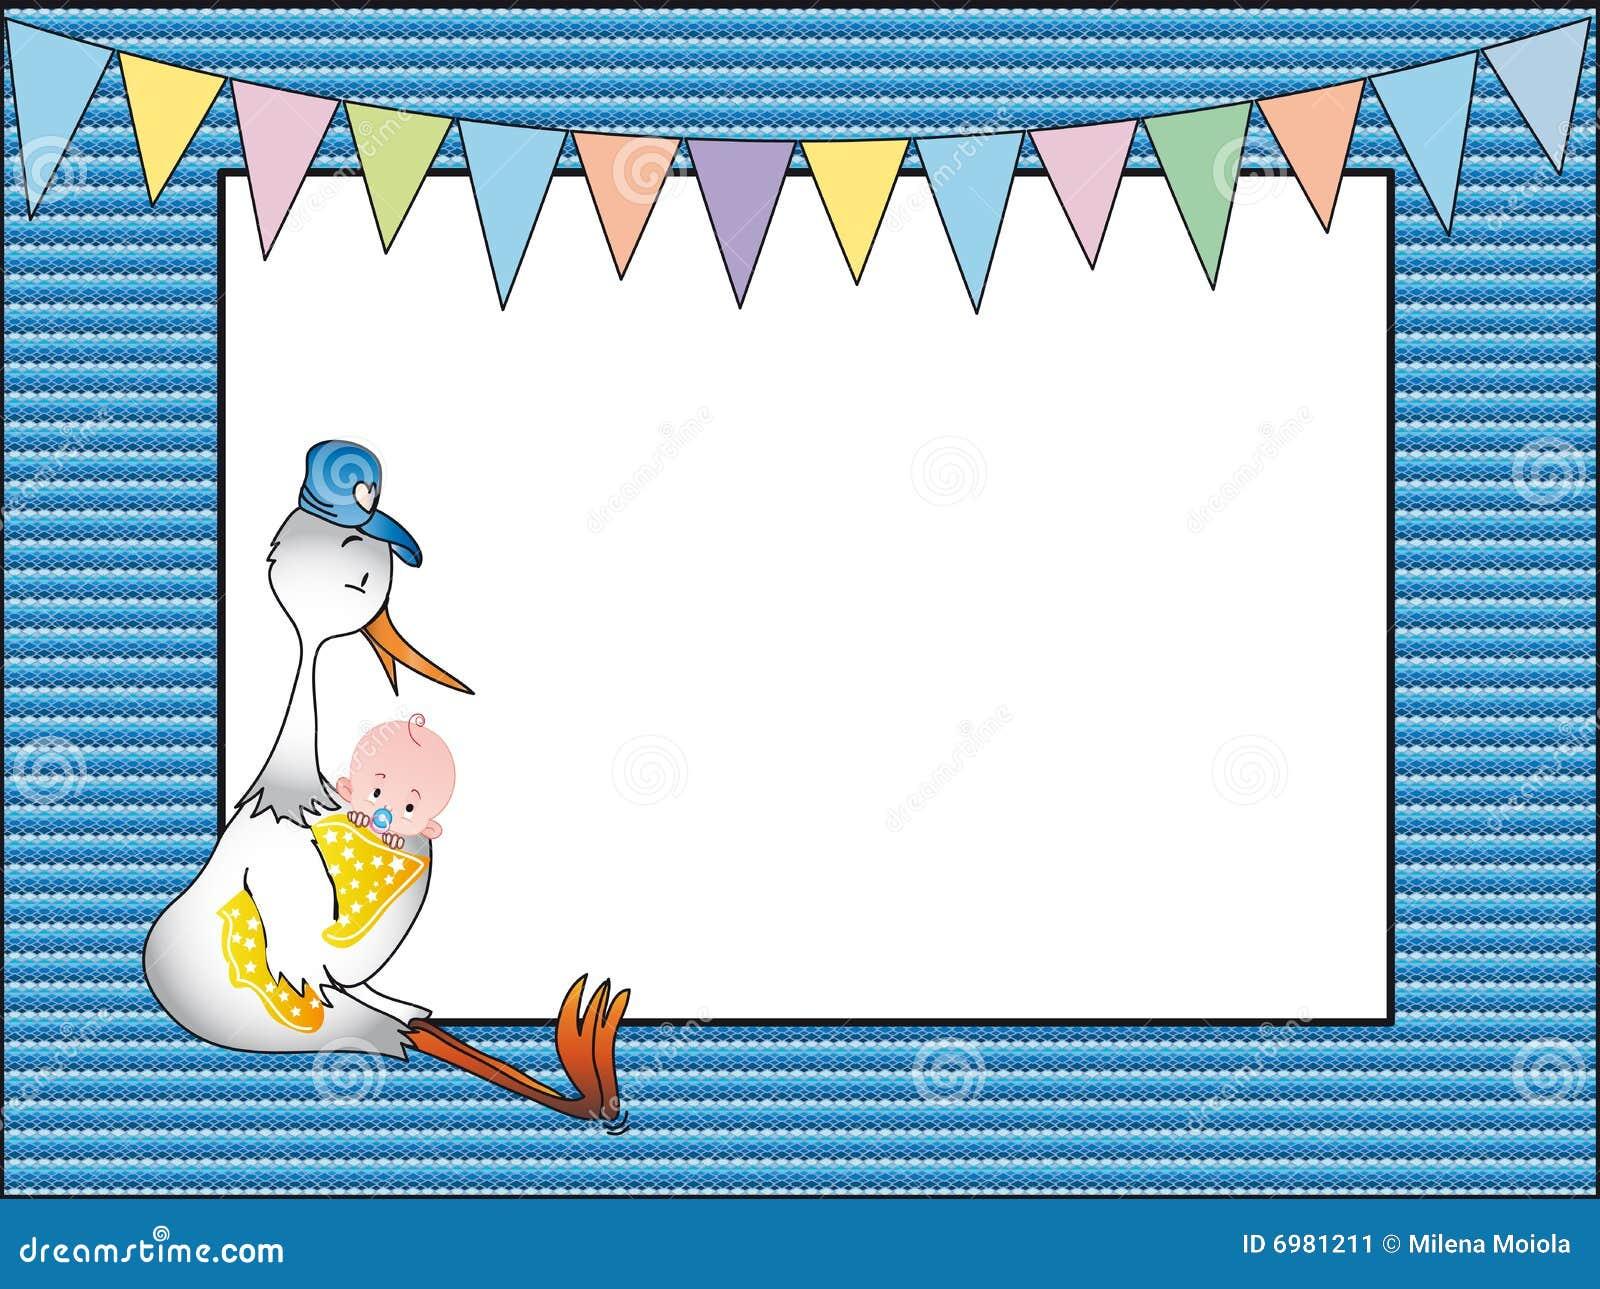 Recién nacido stock de ilustración. Ilustración de gráfico - 6981211